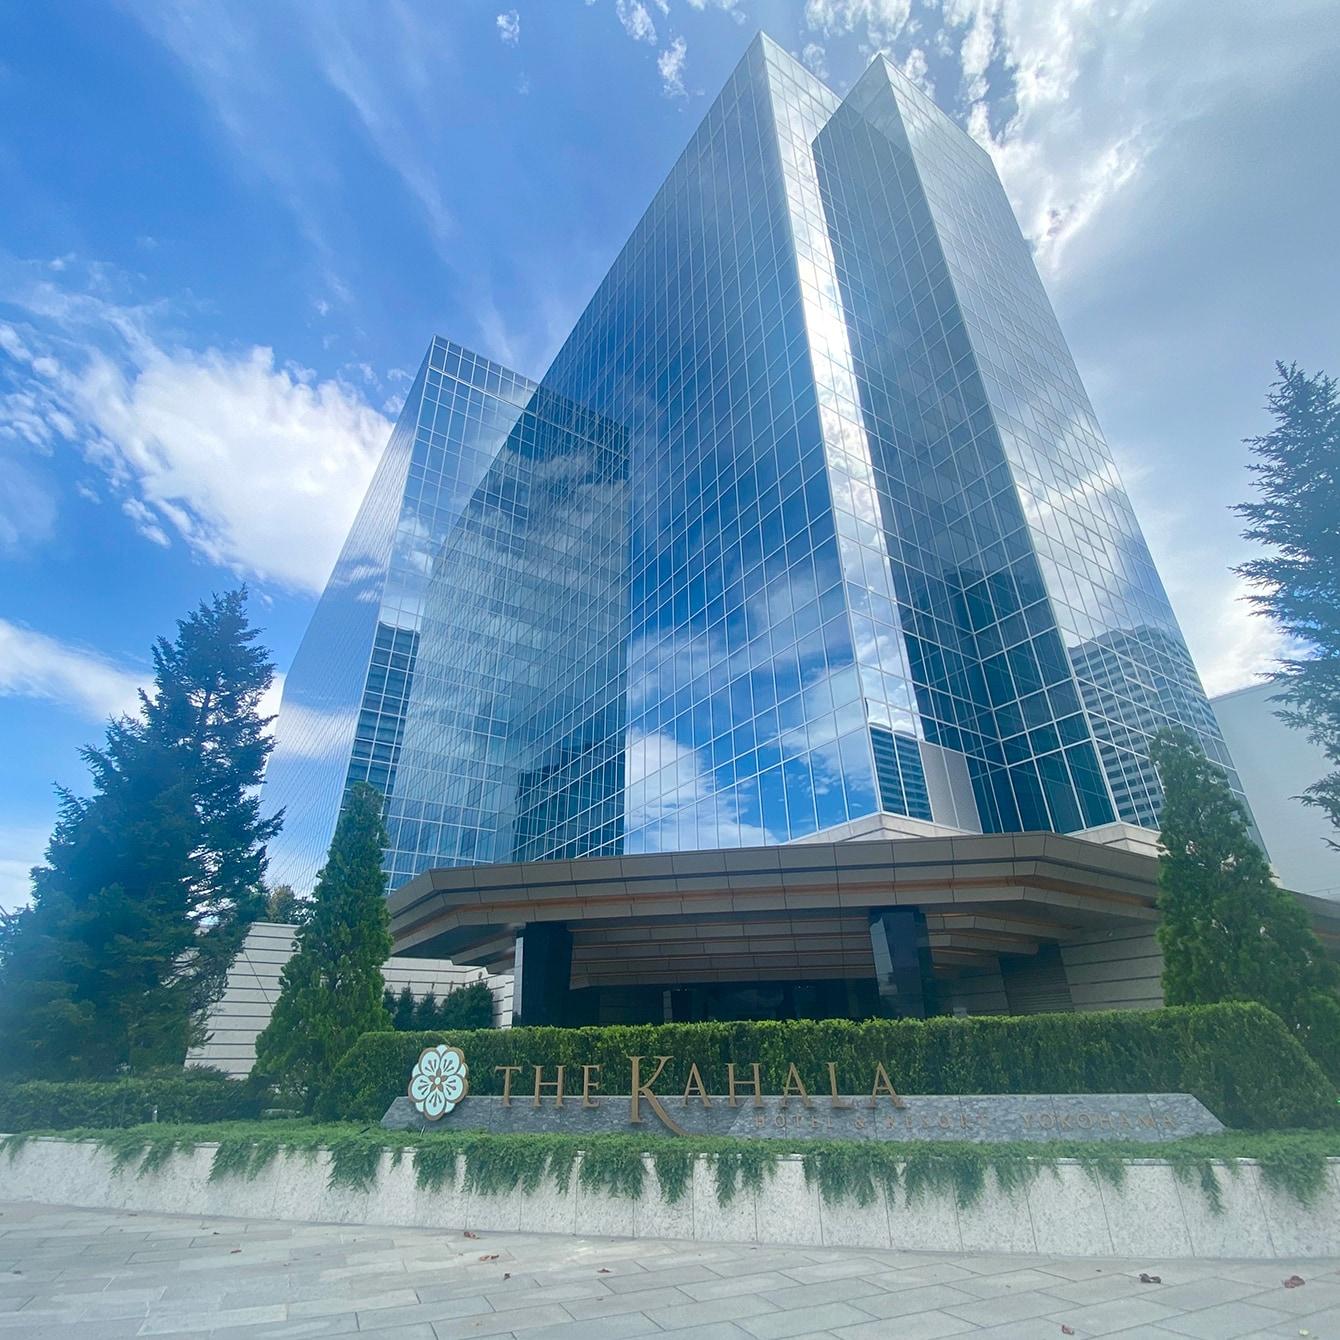 日本に来たハワイの憧れホテル「ザ・カハラ・ホテル&リゾート 横浜」体験レポート【Go To トラベル】